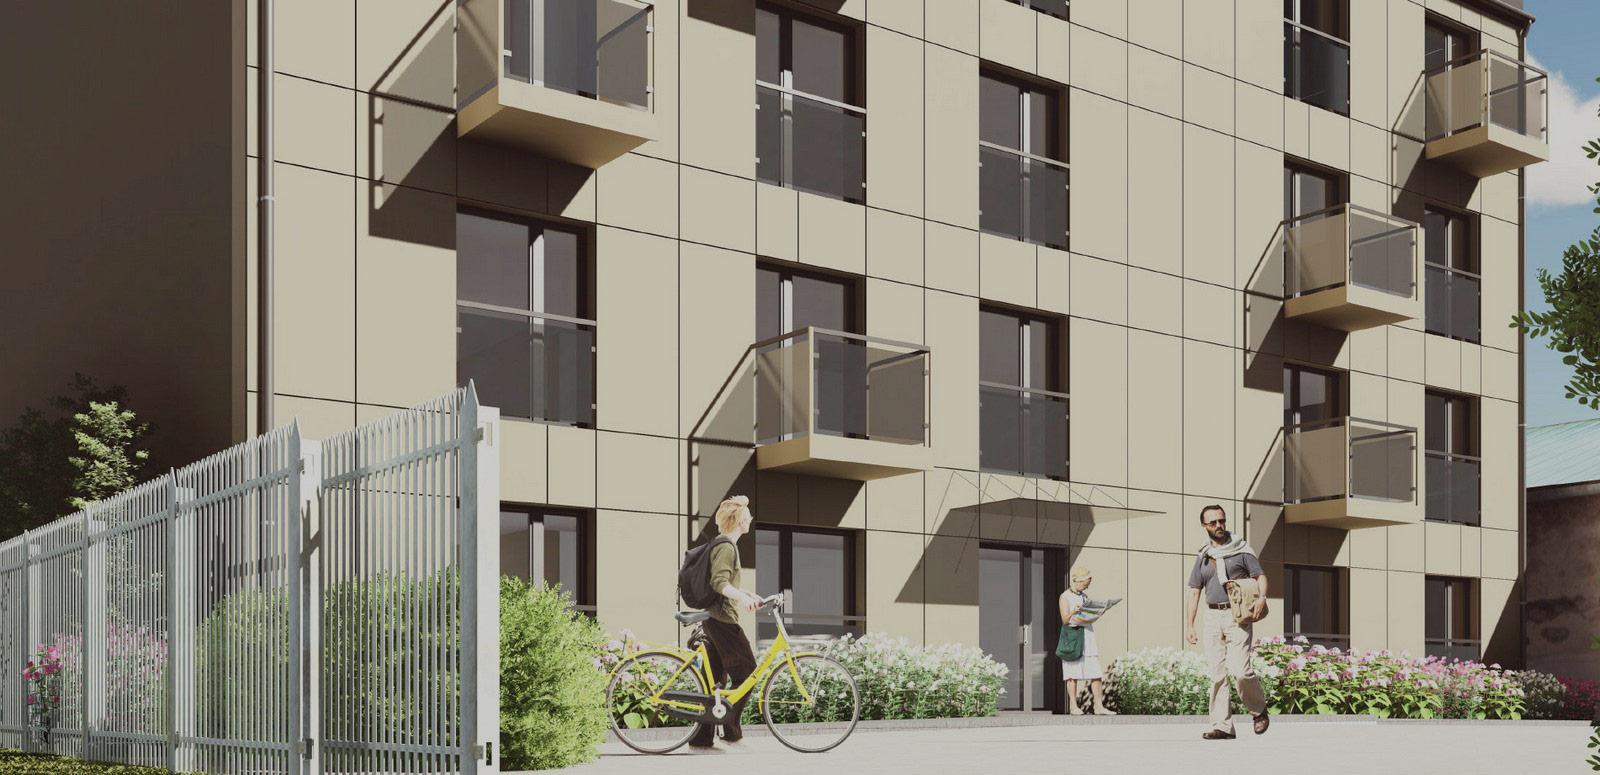 mieszkania kolo - wizualizacja